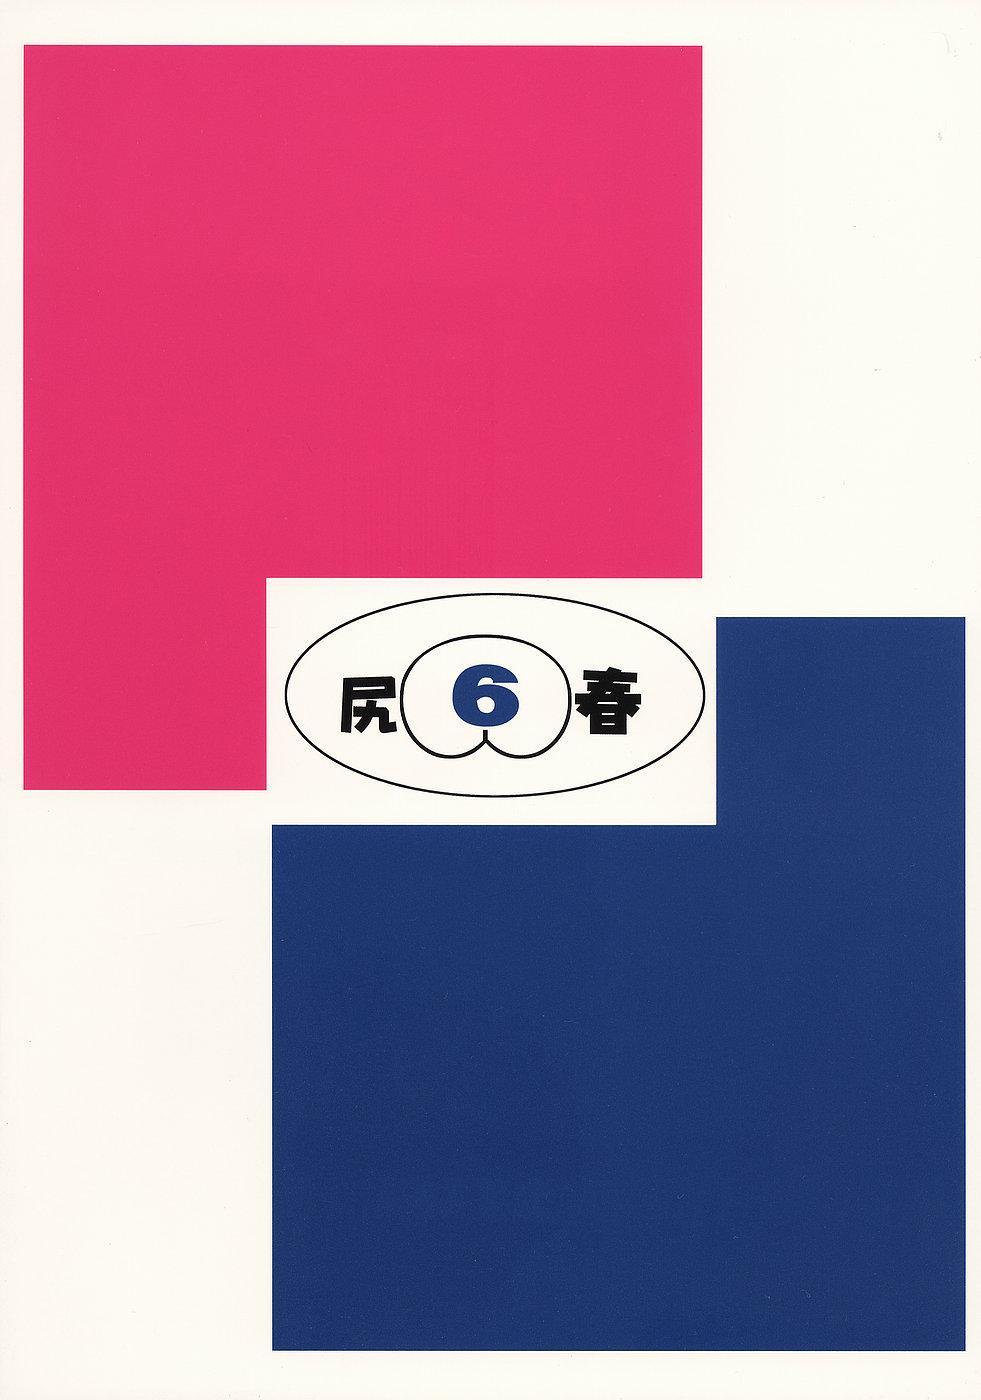 Shiri-Chun 6 23